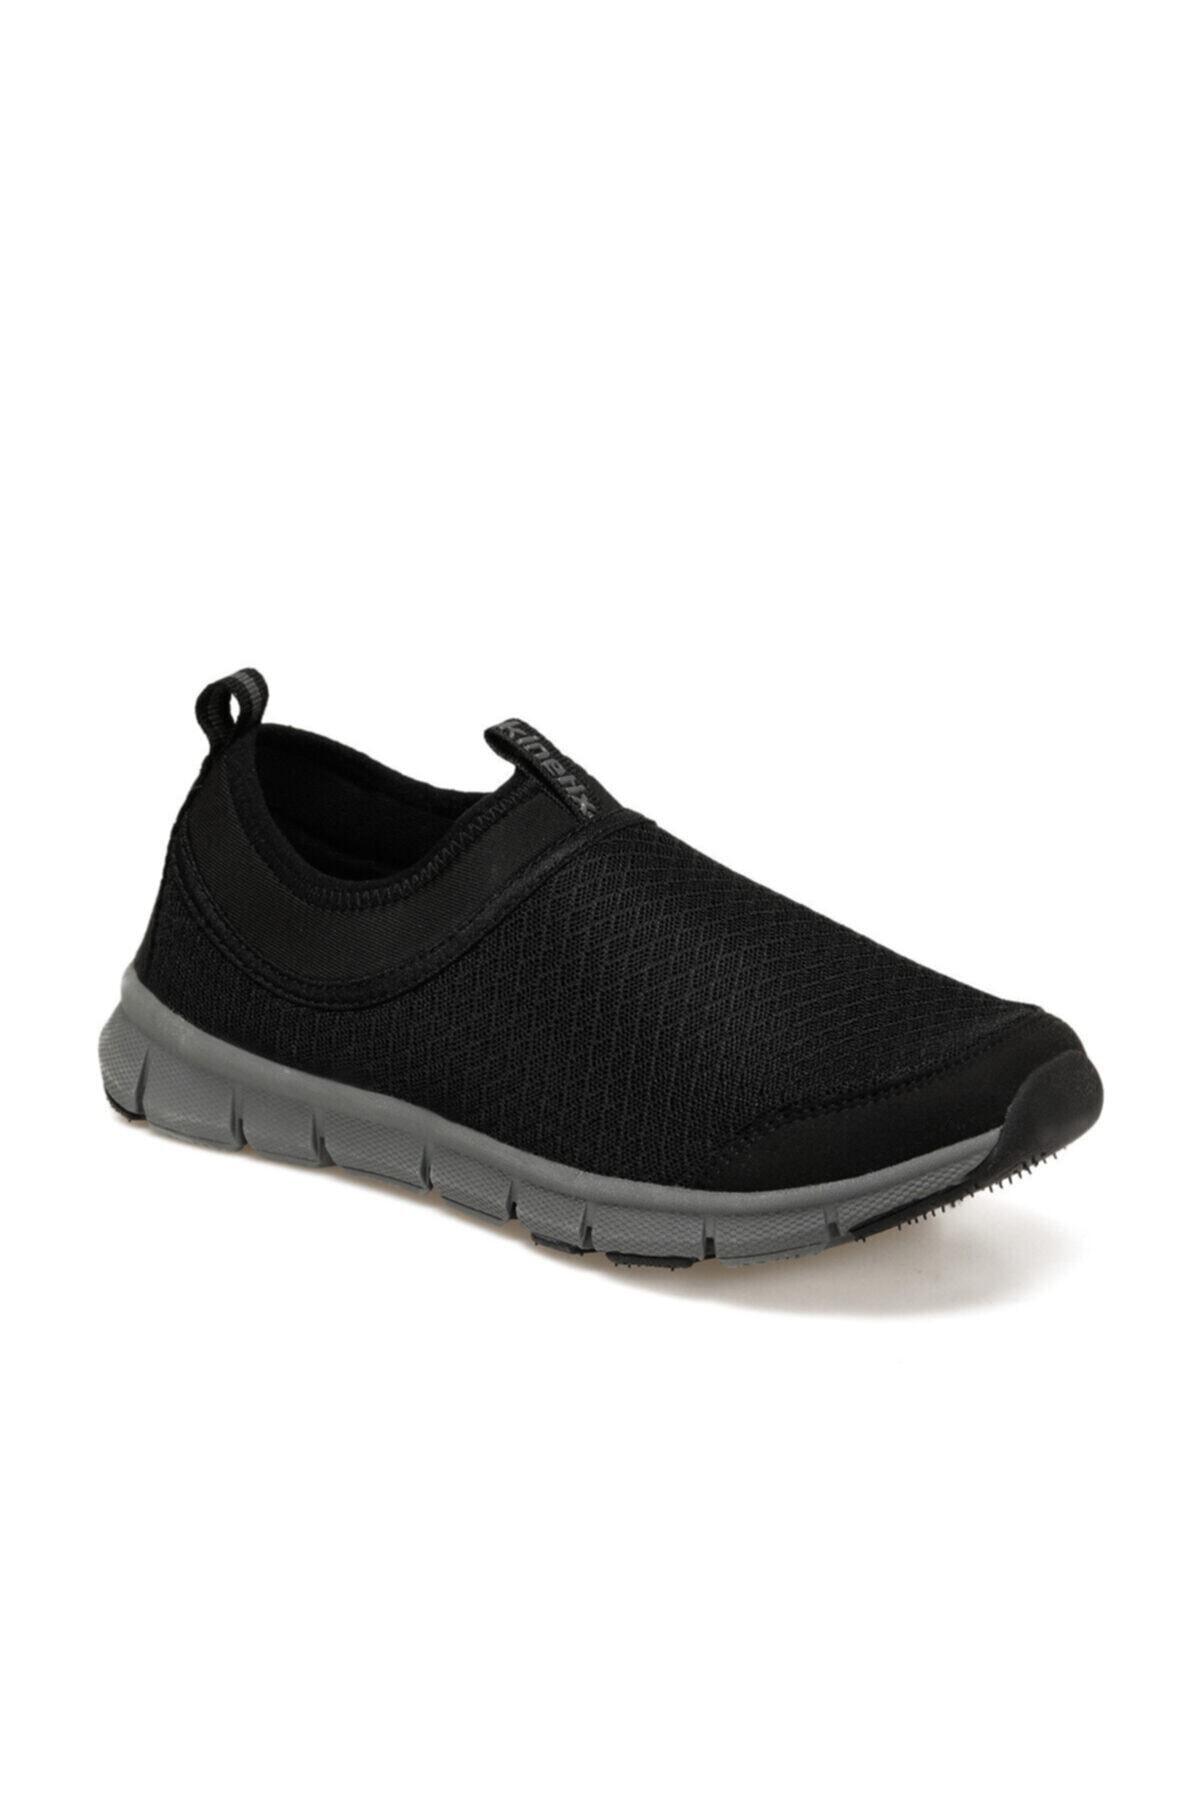 خرید انلاین کفش مخصوص پیاده روی زیبا مردانه برند کینتیکس kinetix رنگ مشکی کد ty55867915